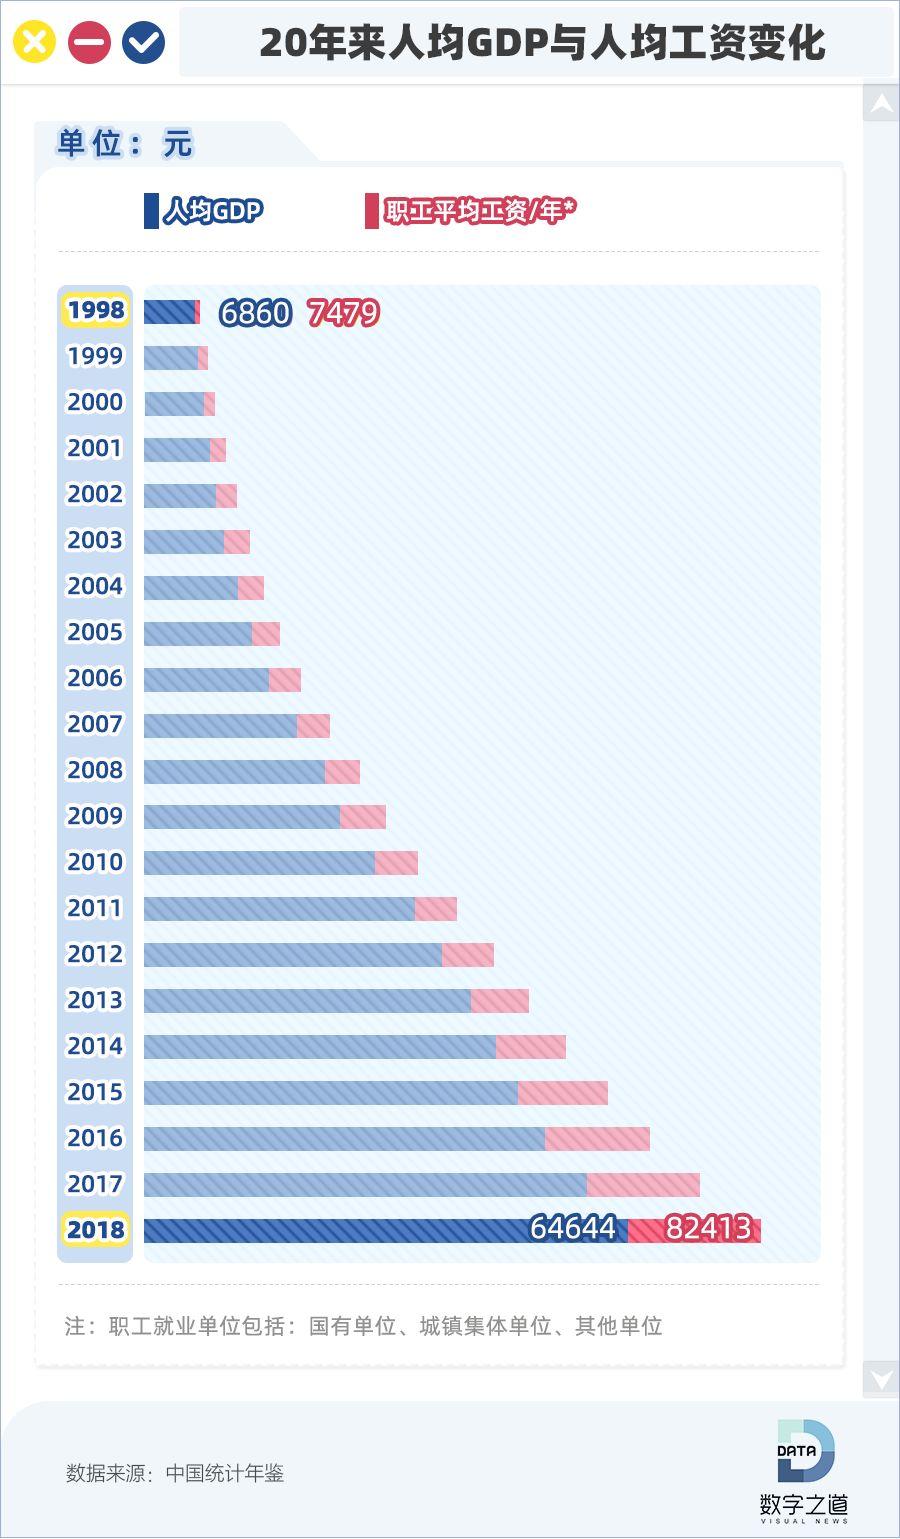 """20年工资涨幅大揭底:谁又""""拖后腿""""了?"""